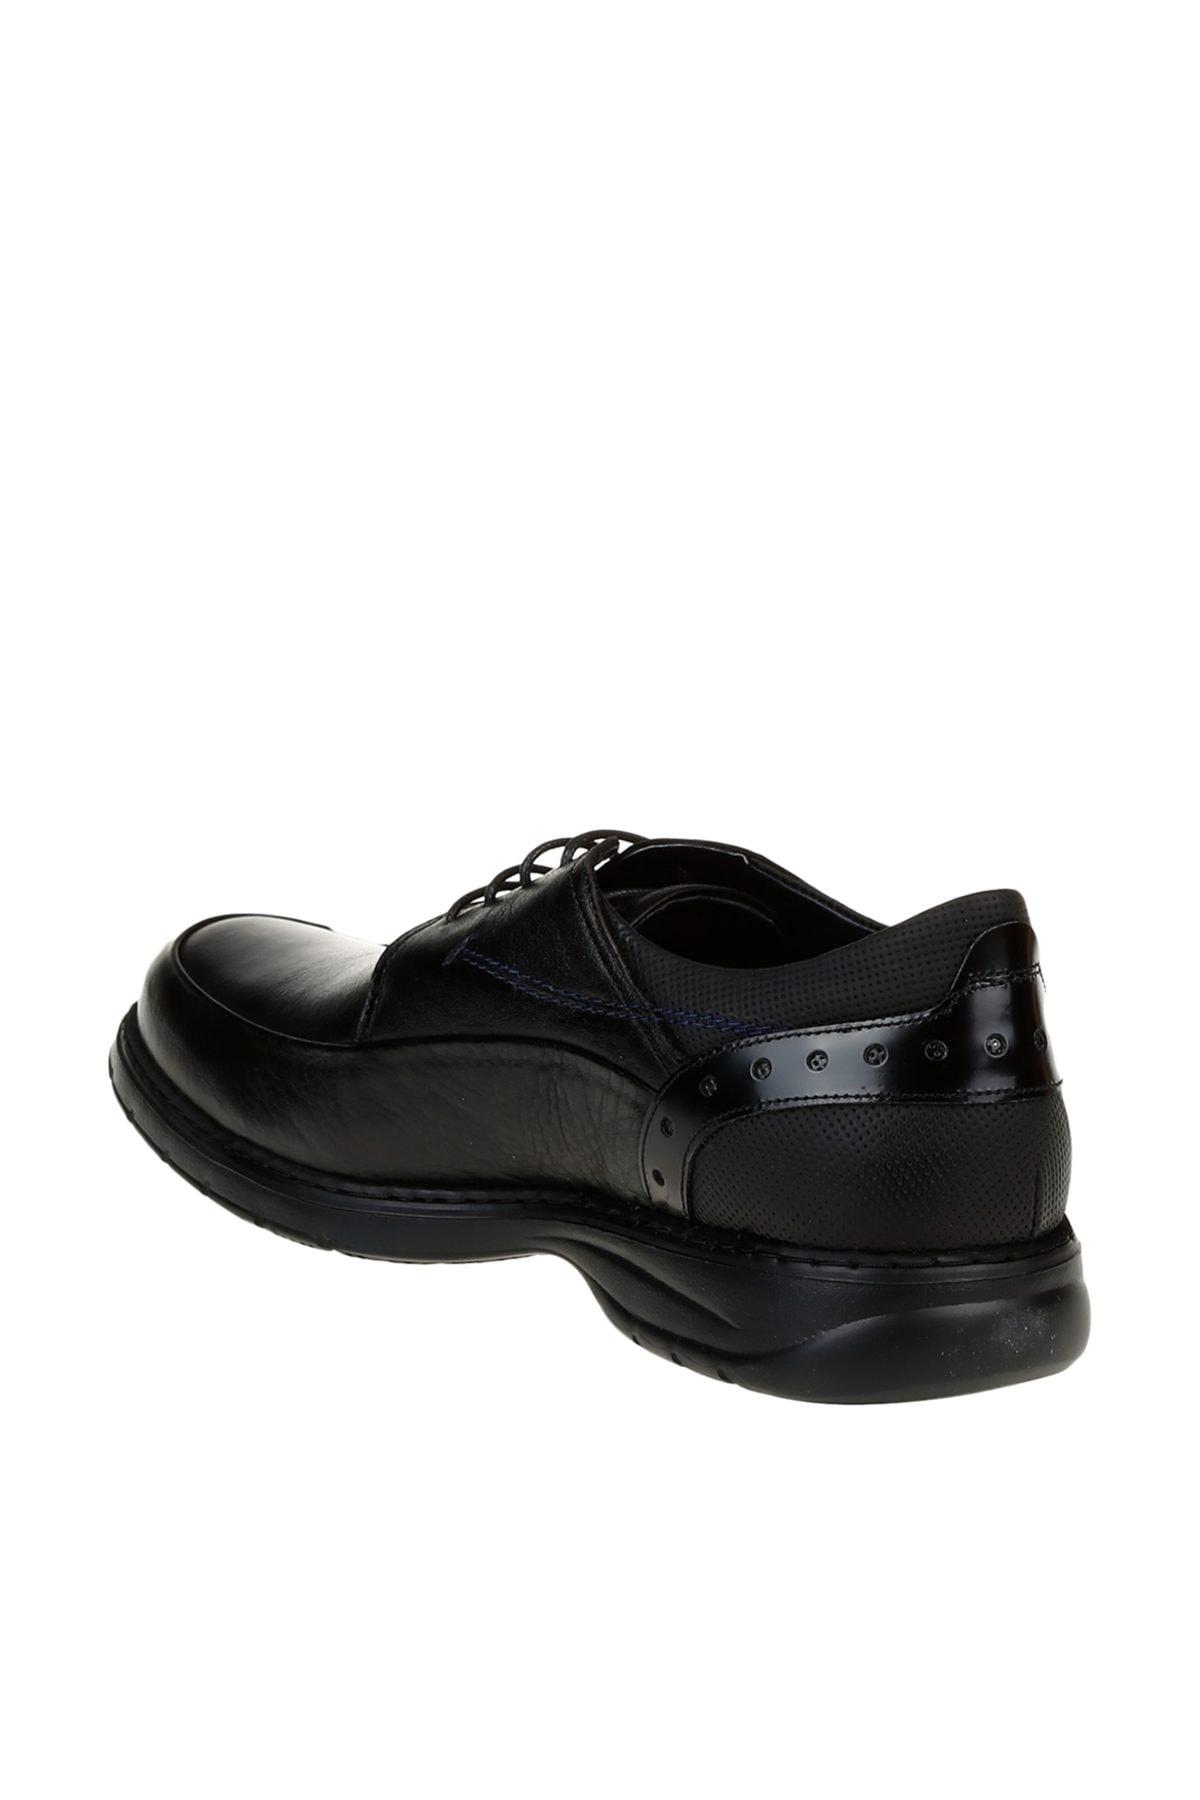 Hush Puppies Casual Ayakkabı 2